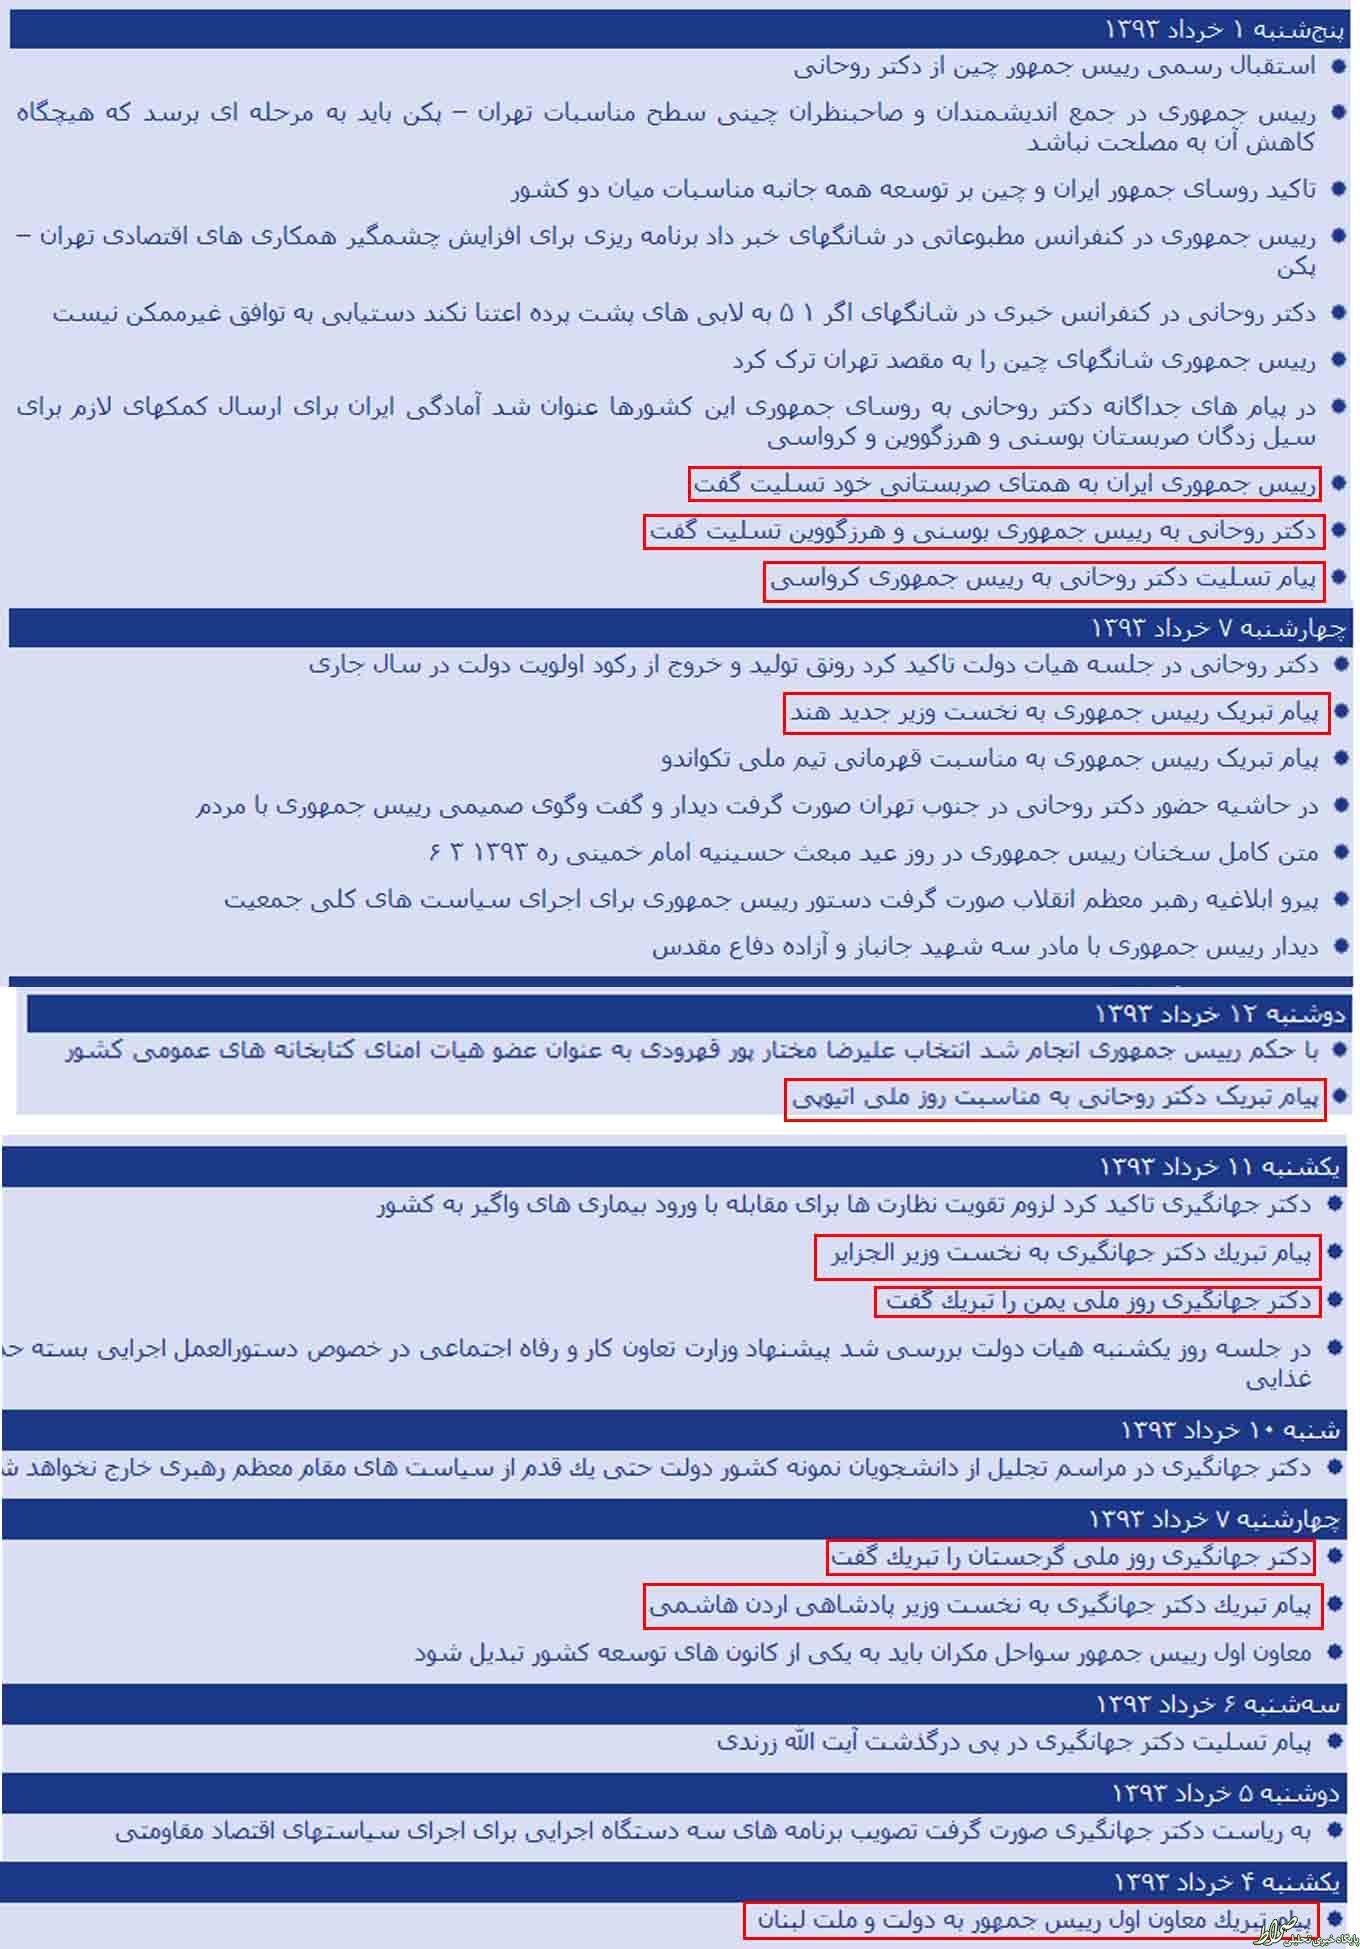 روحانی انتخابات سوریه را غیرقانونی می داند؟